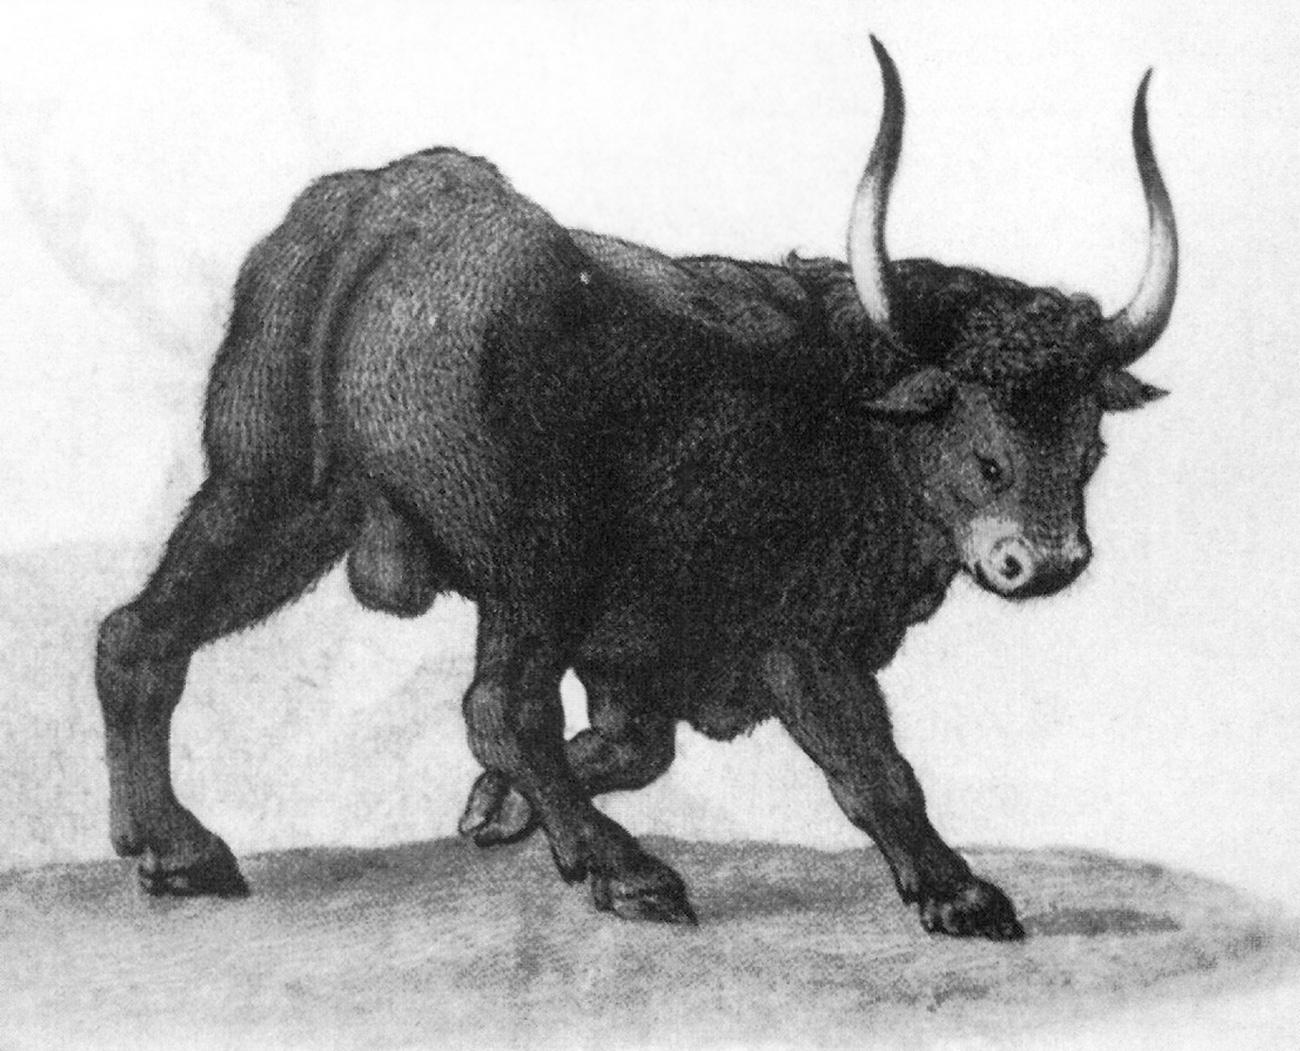 Тур. Рисунок Теодоро Гизи. XVI век